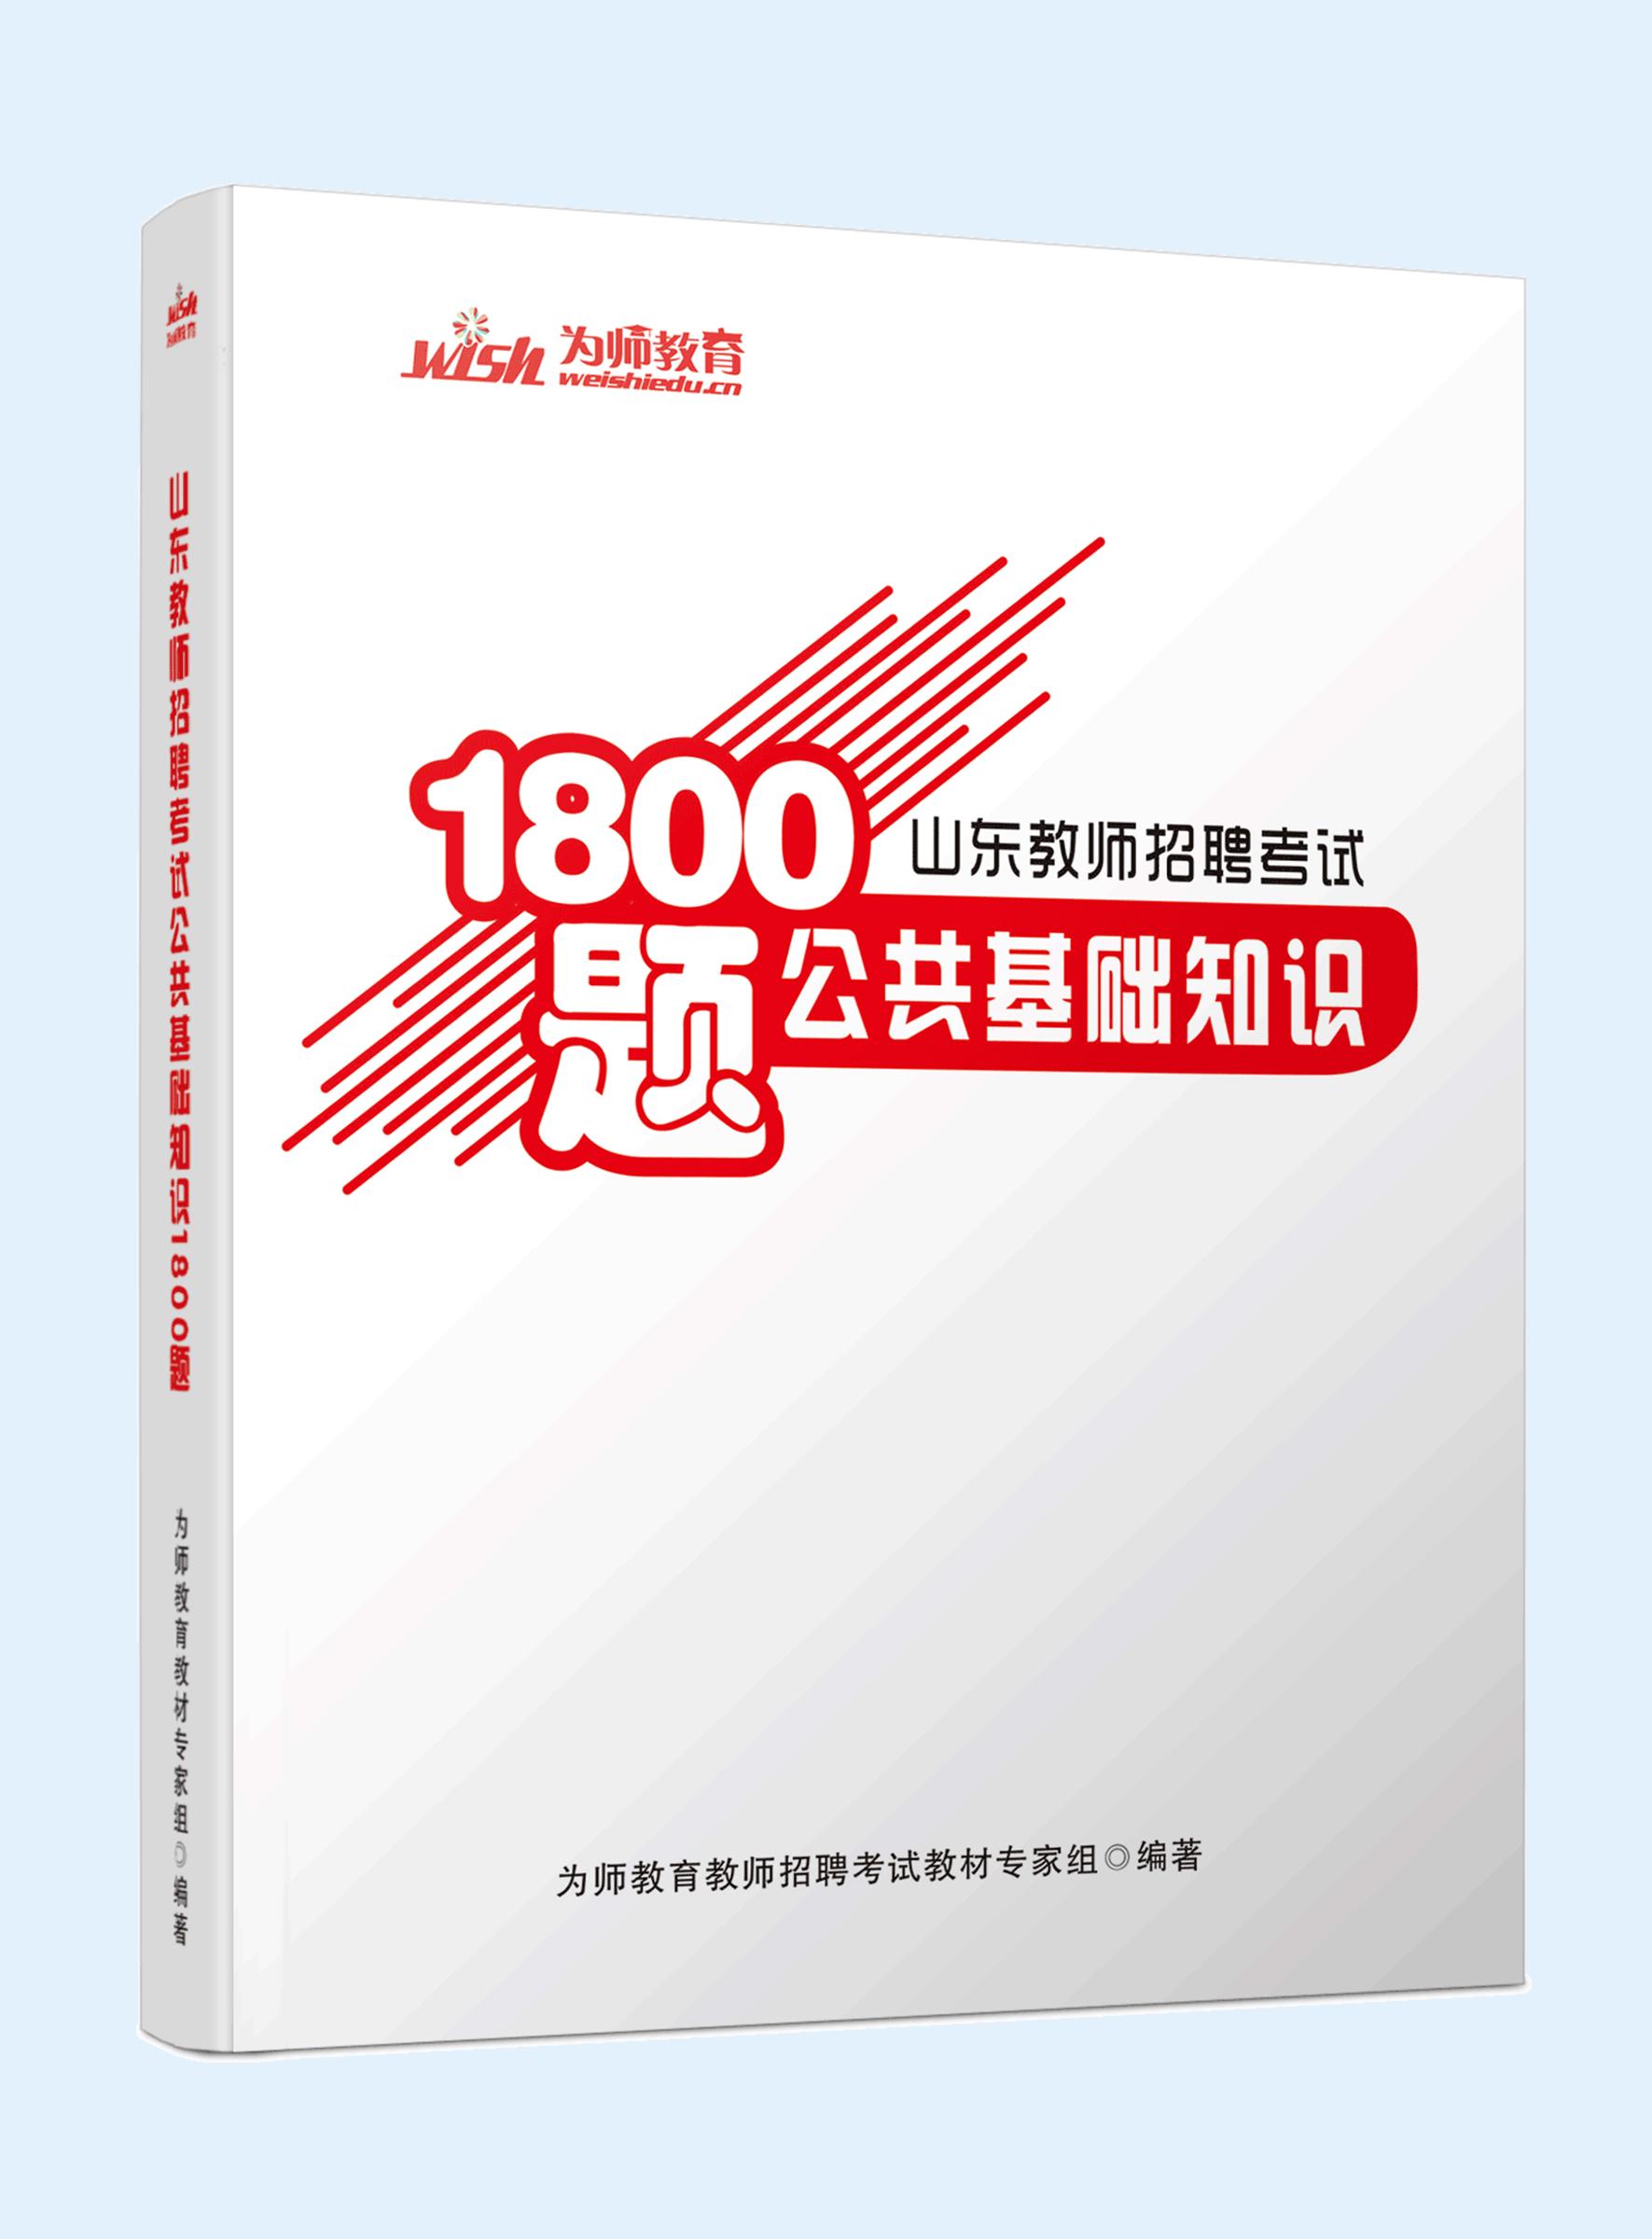 2019升级版公共基础知识1800题(必做章节题)